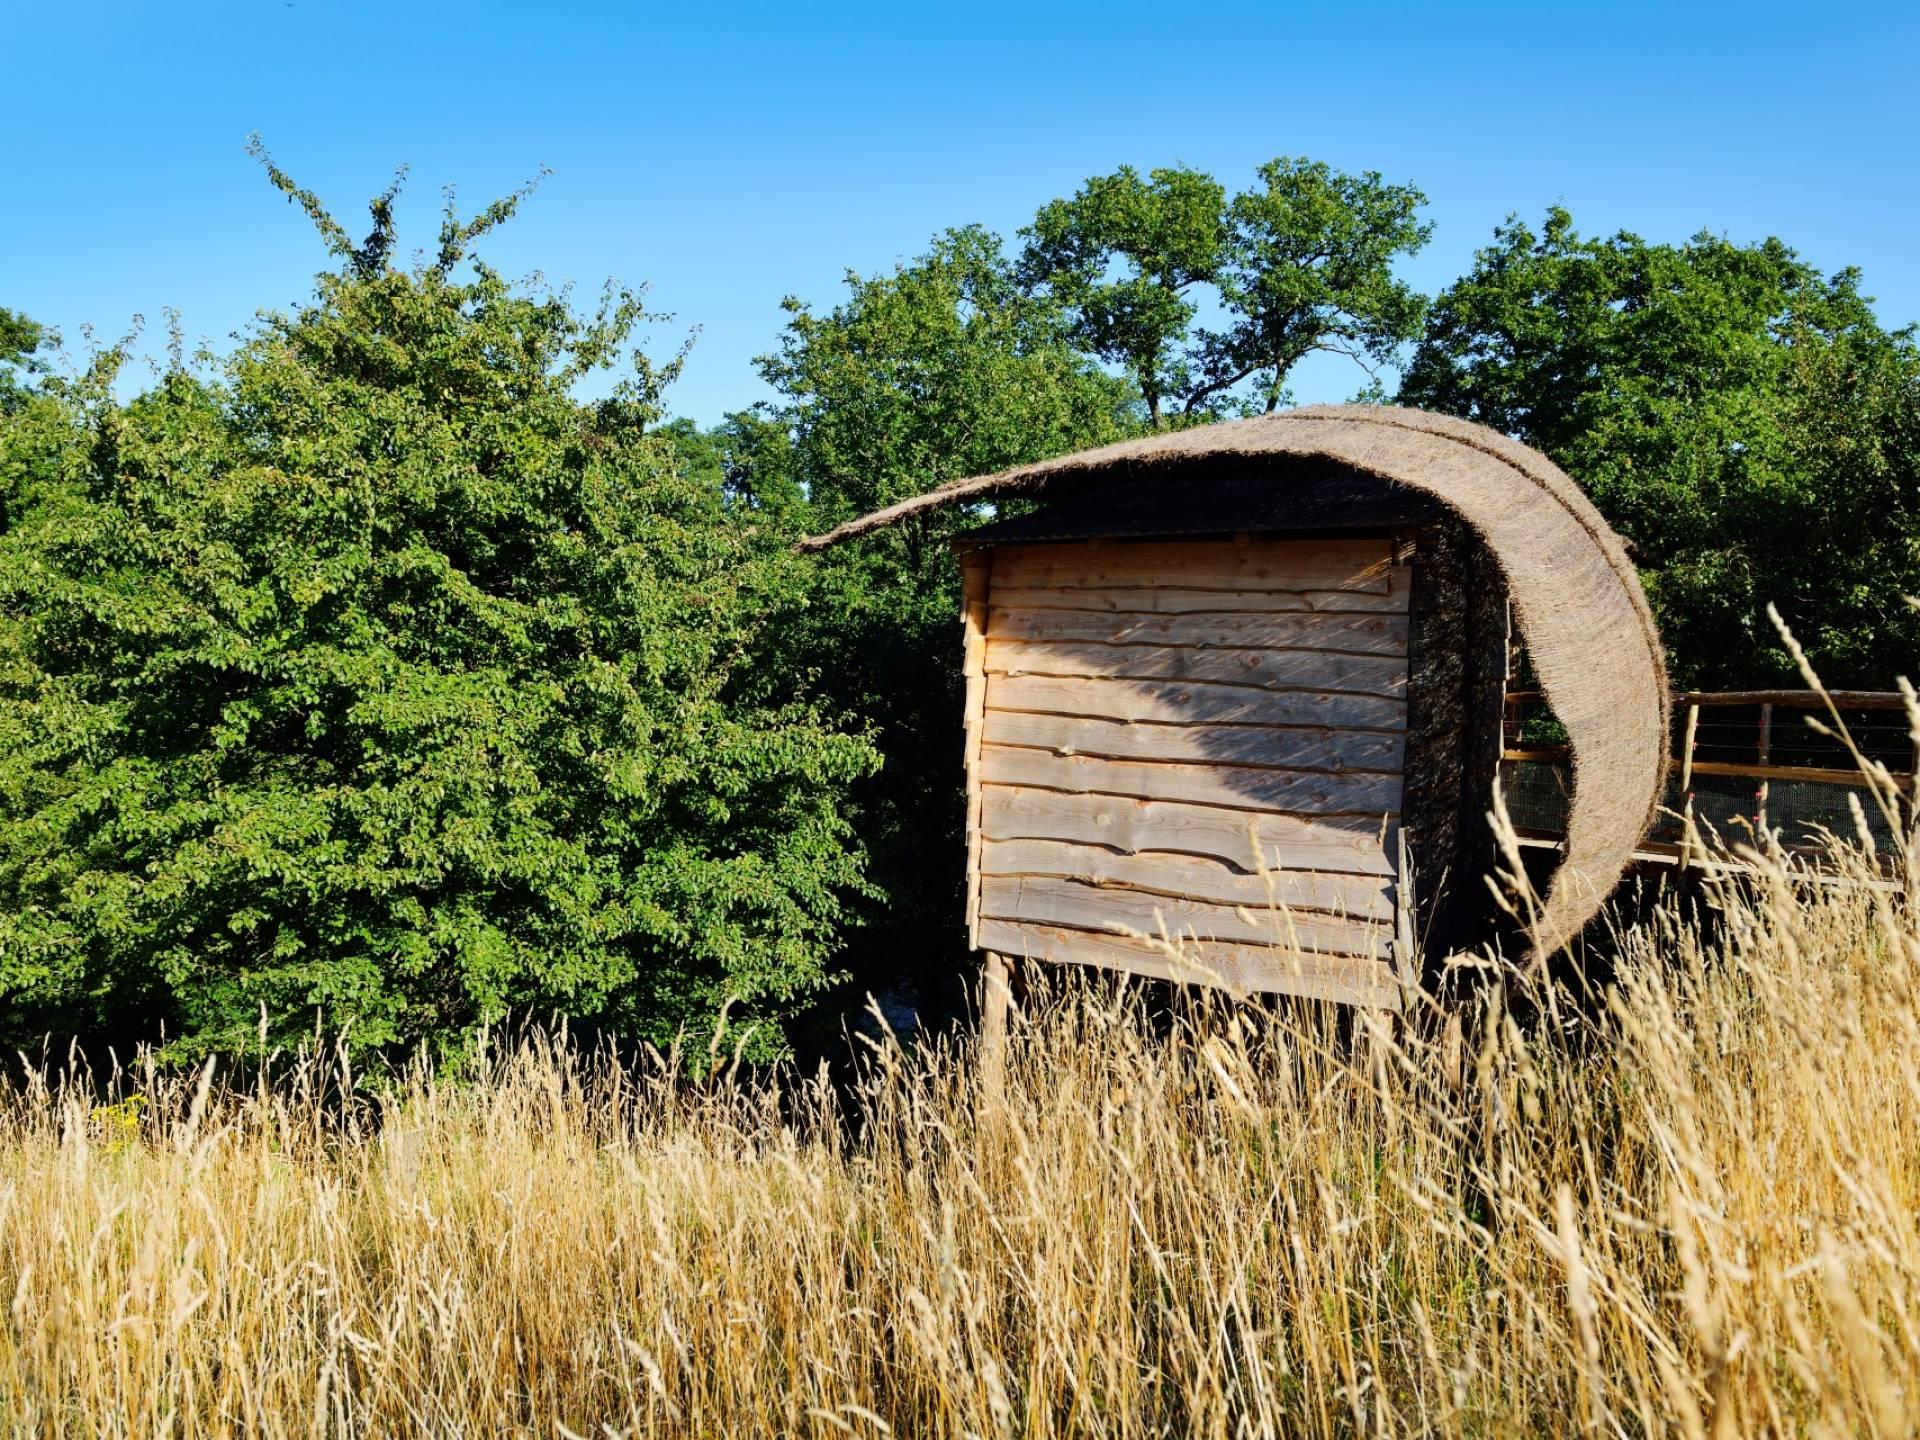 Chambre nid 4 cabane pays de la loire hebergement insolite dormir bulle - Chambre des notaires pays de loire ...